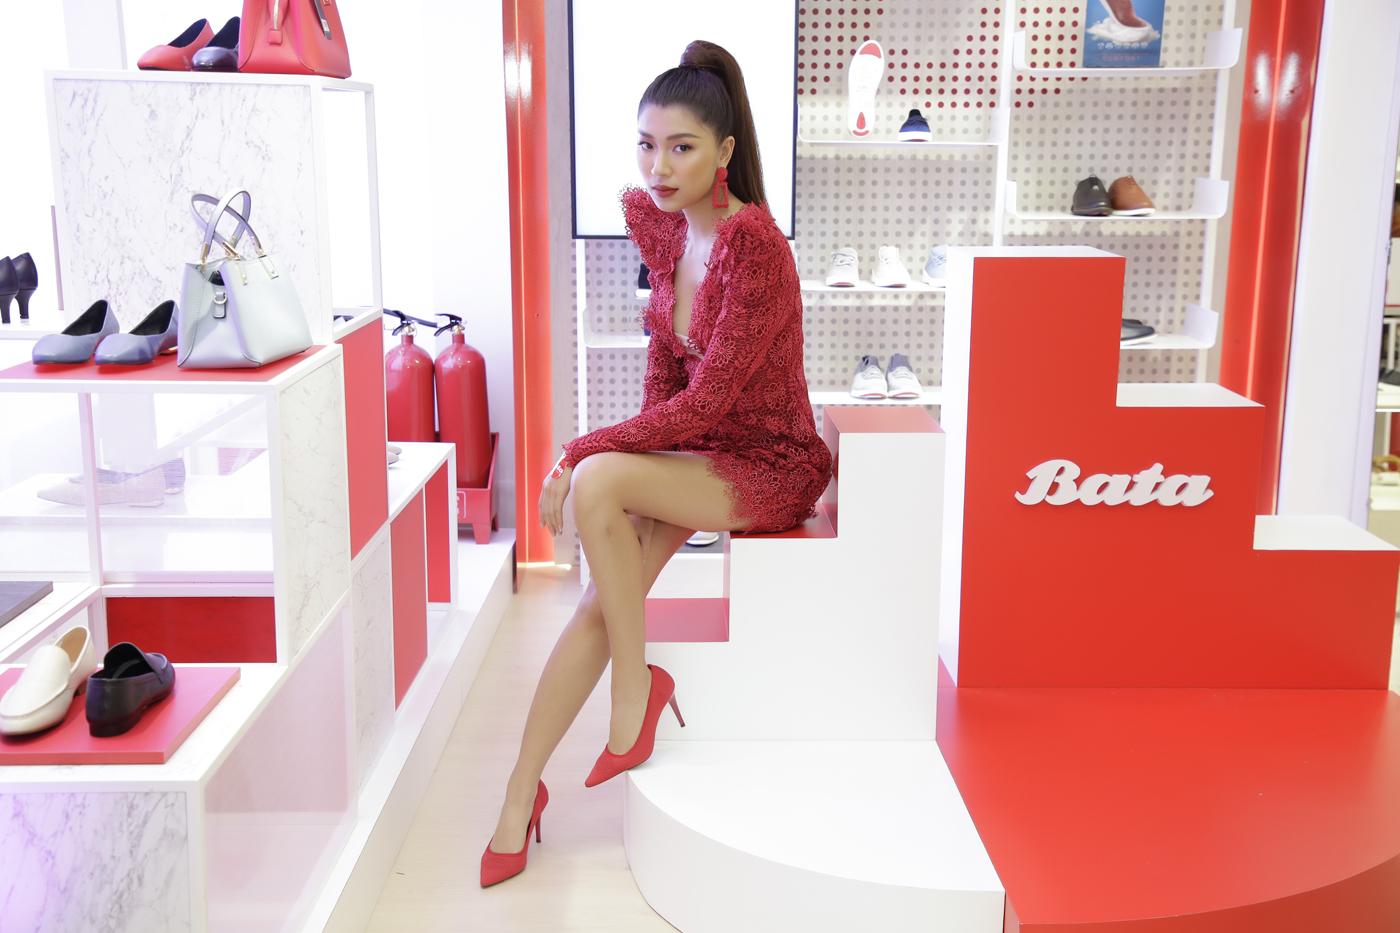 bata vietnam khai trương cửa hàng mới concept red 2